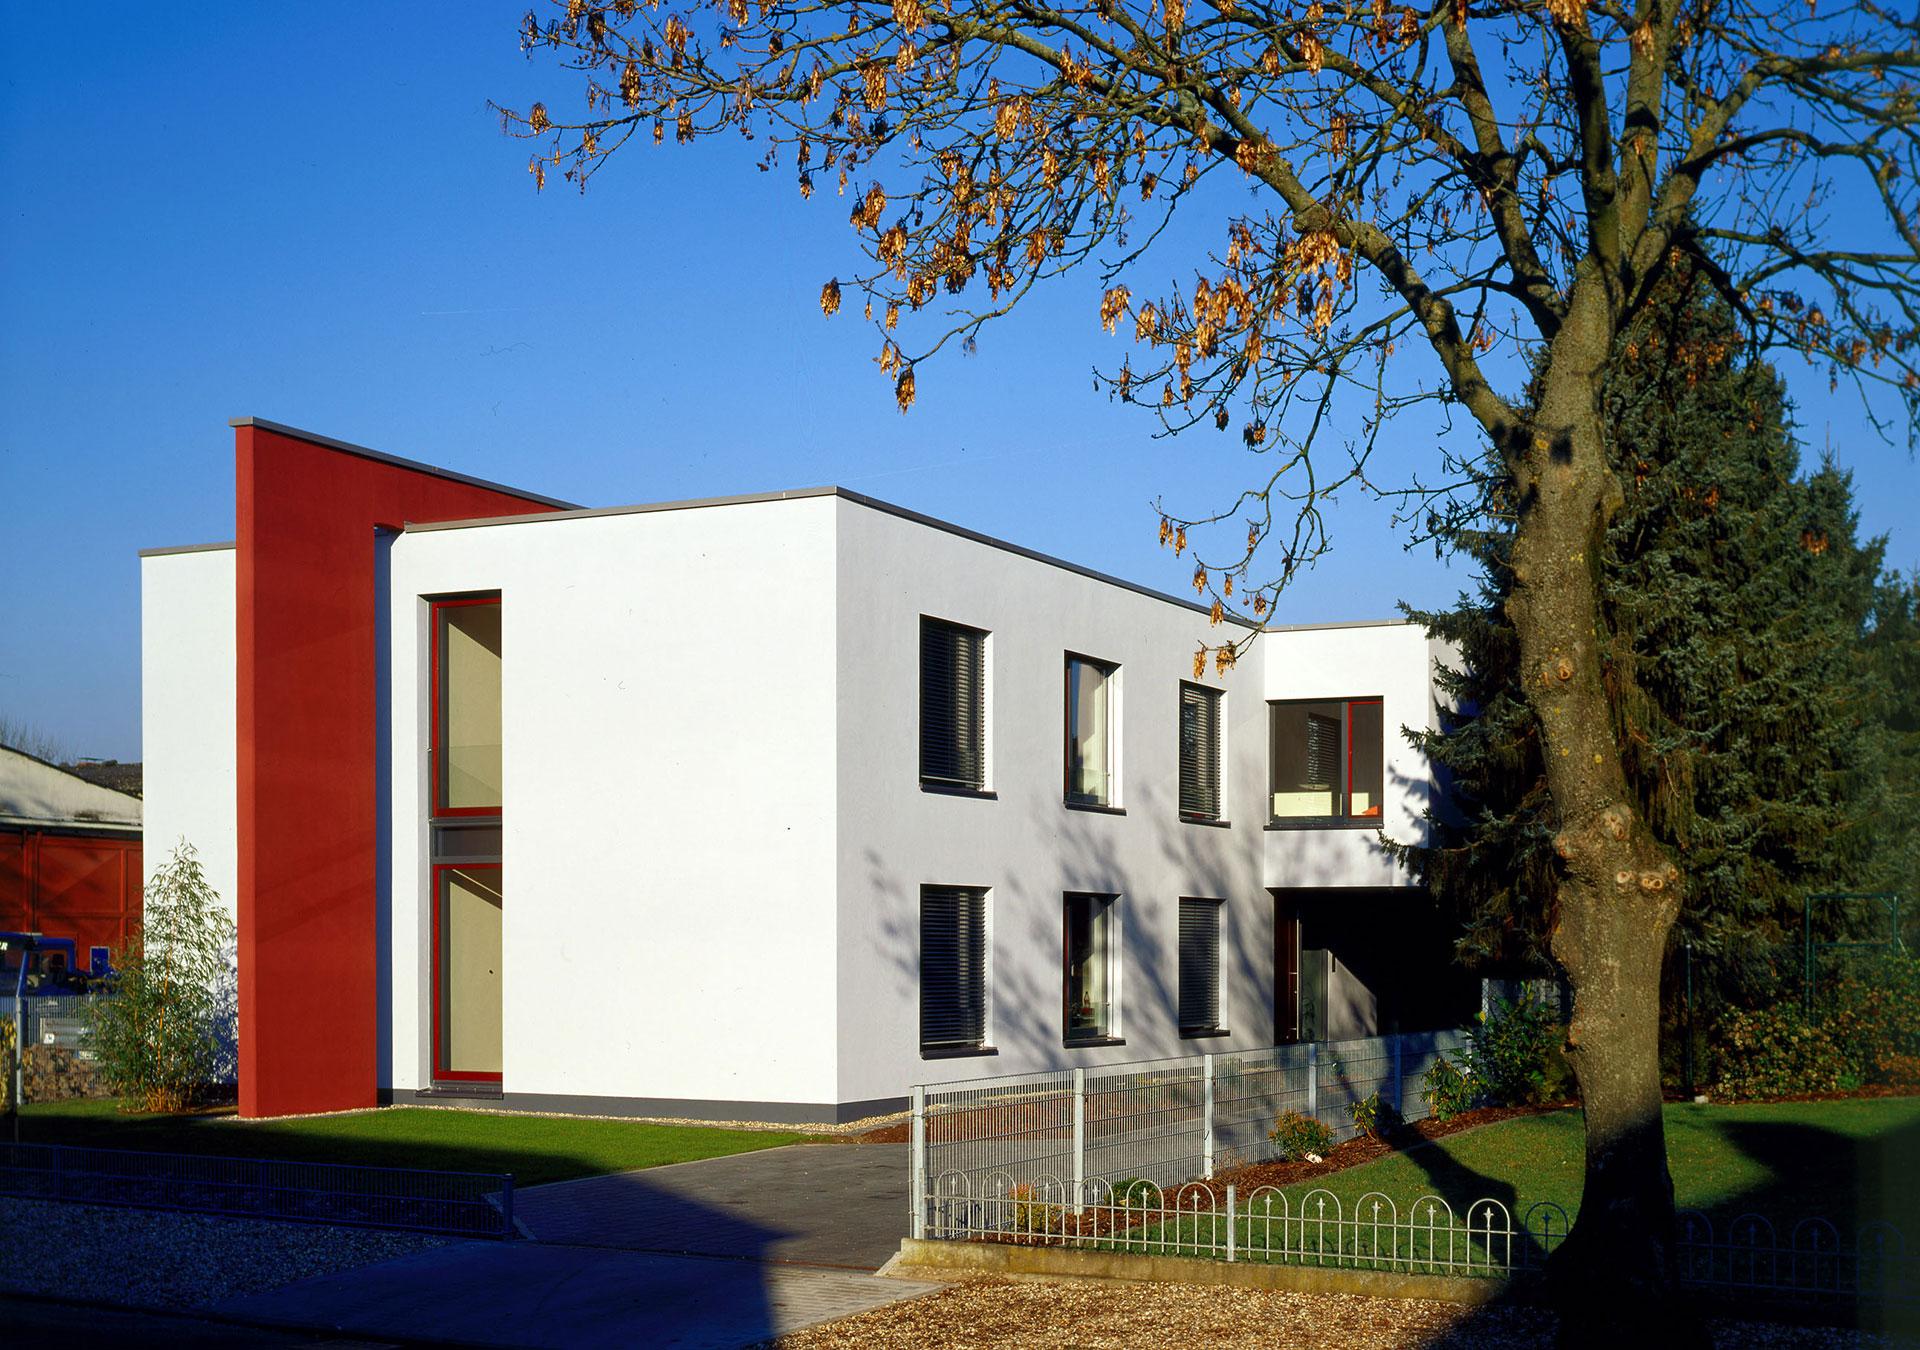 Architekt Kleve aussenwohngruppe königsgarten kleve wrede architekten